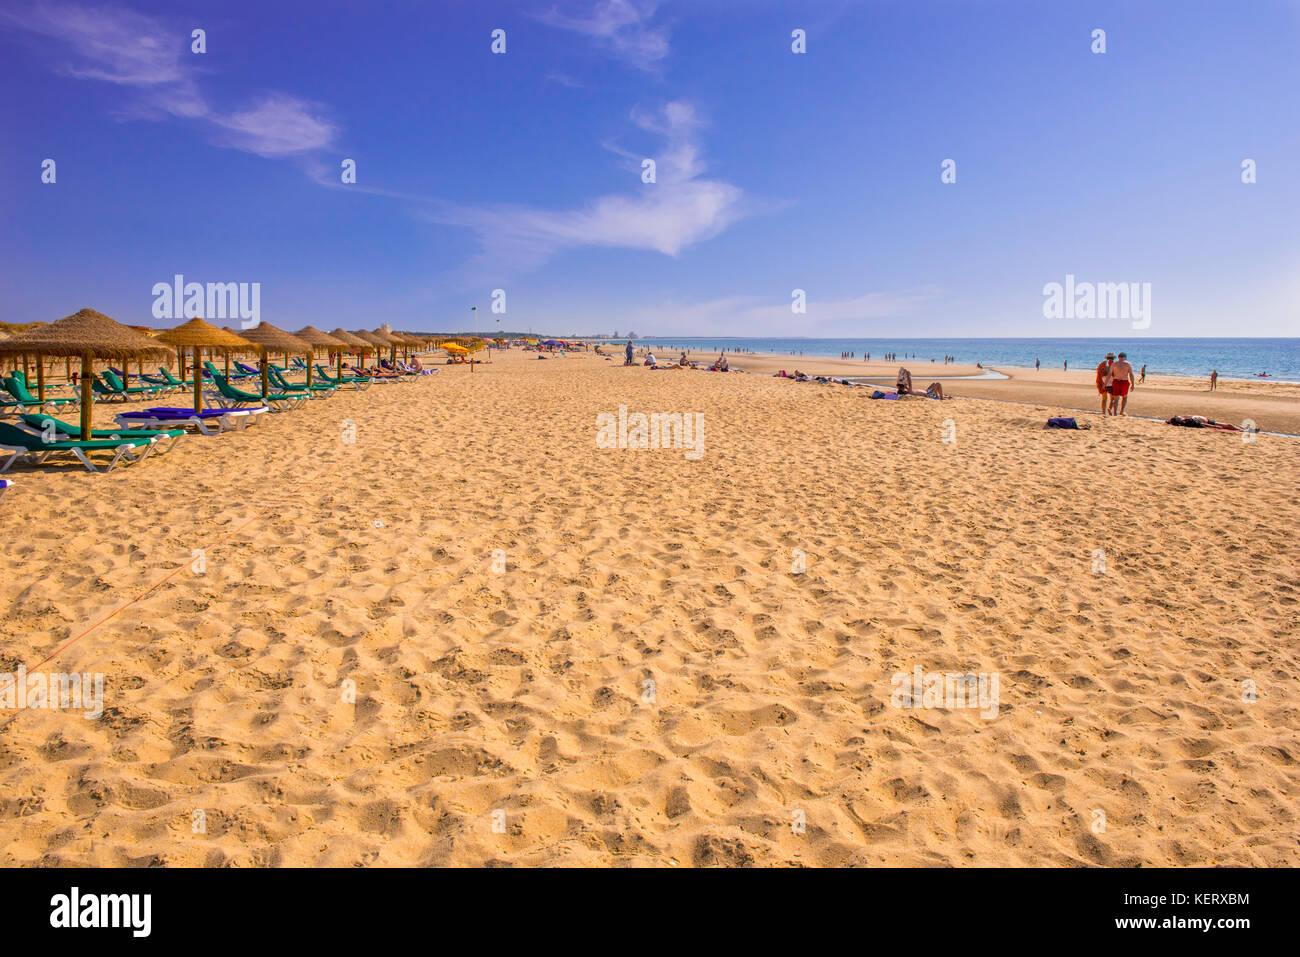 Weitläufige Sandstrand von Manta Rota Algarve Aussaat strohgedeckten Sonnenschirmen und Strandliegen. Stockbild